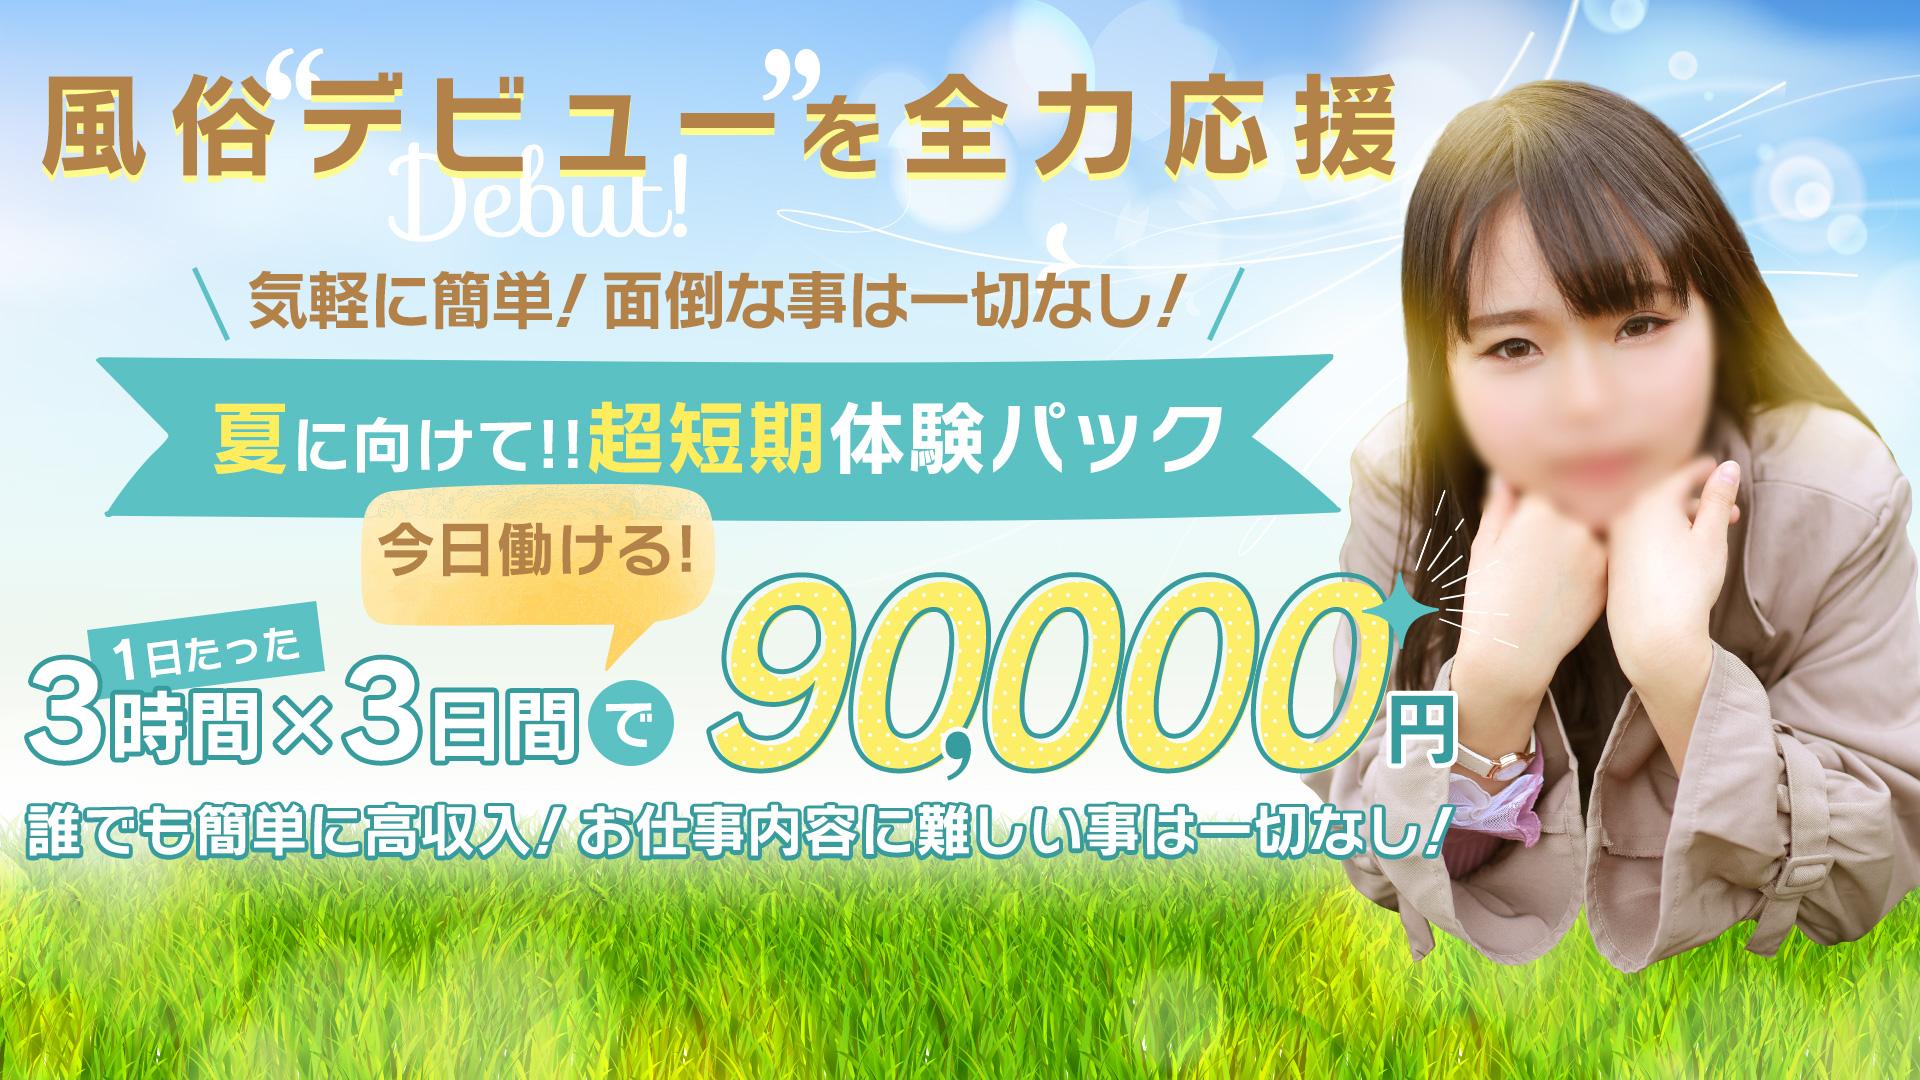 札幌美女図鑑(札幌YESグループ)の求人画像